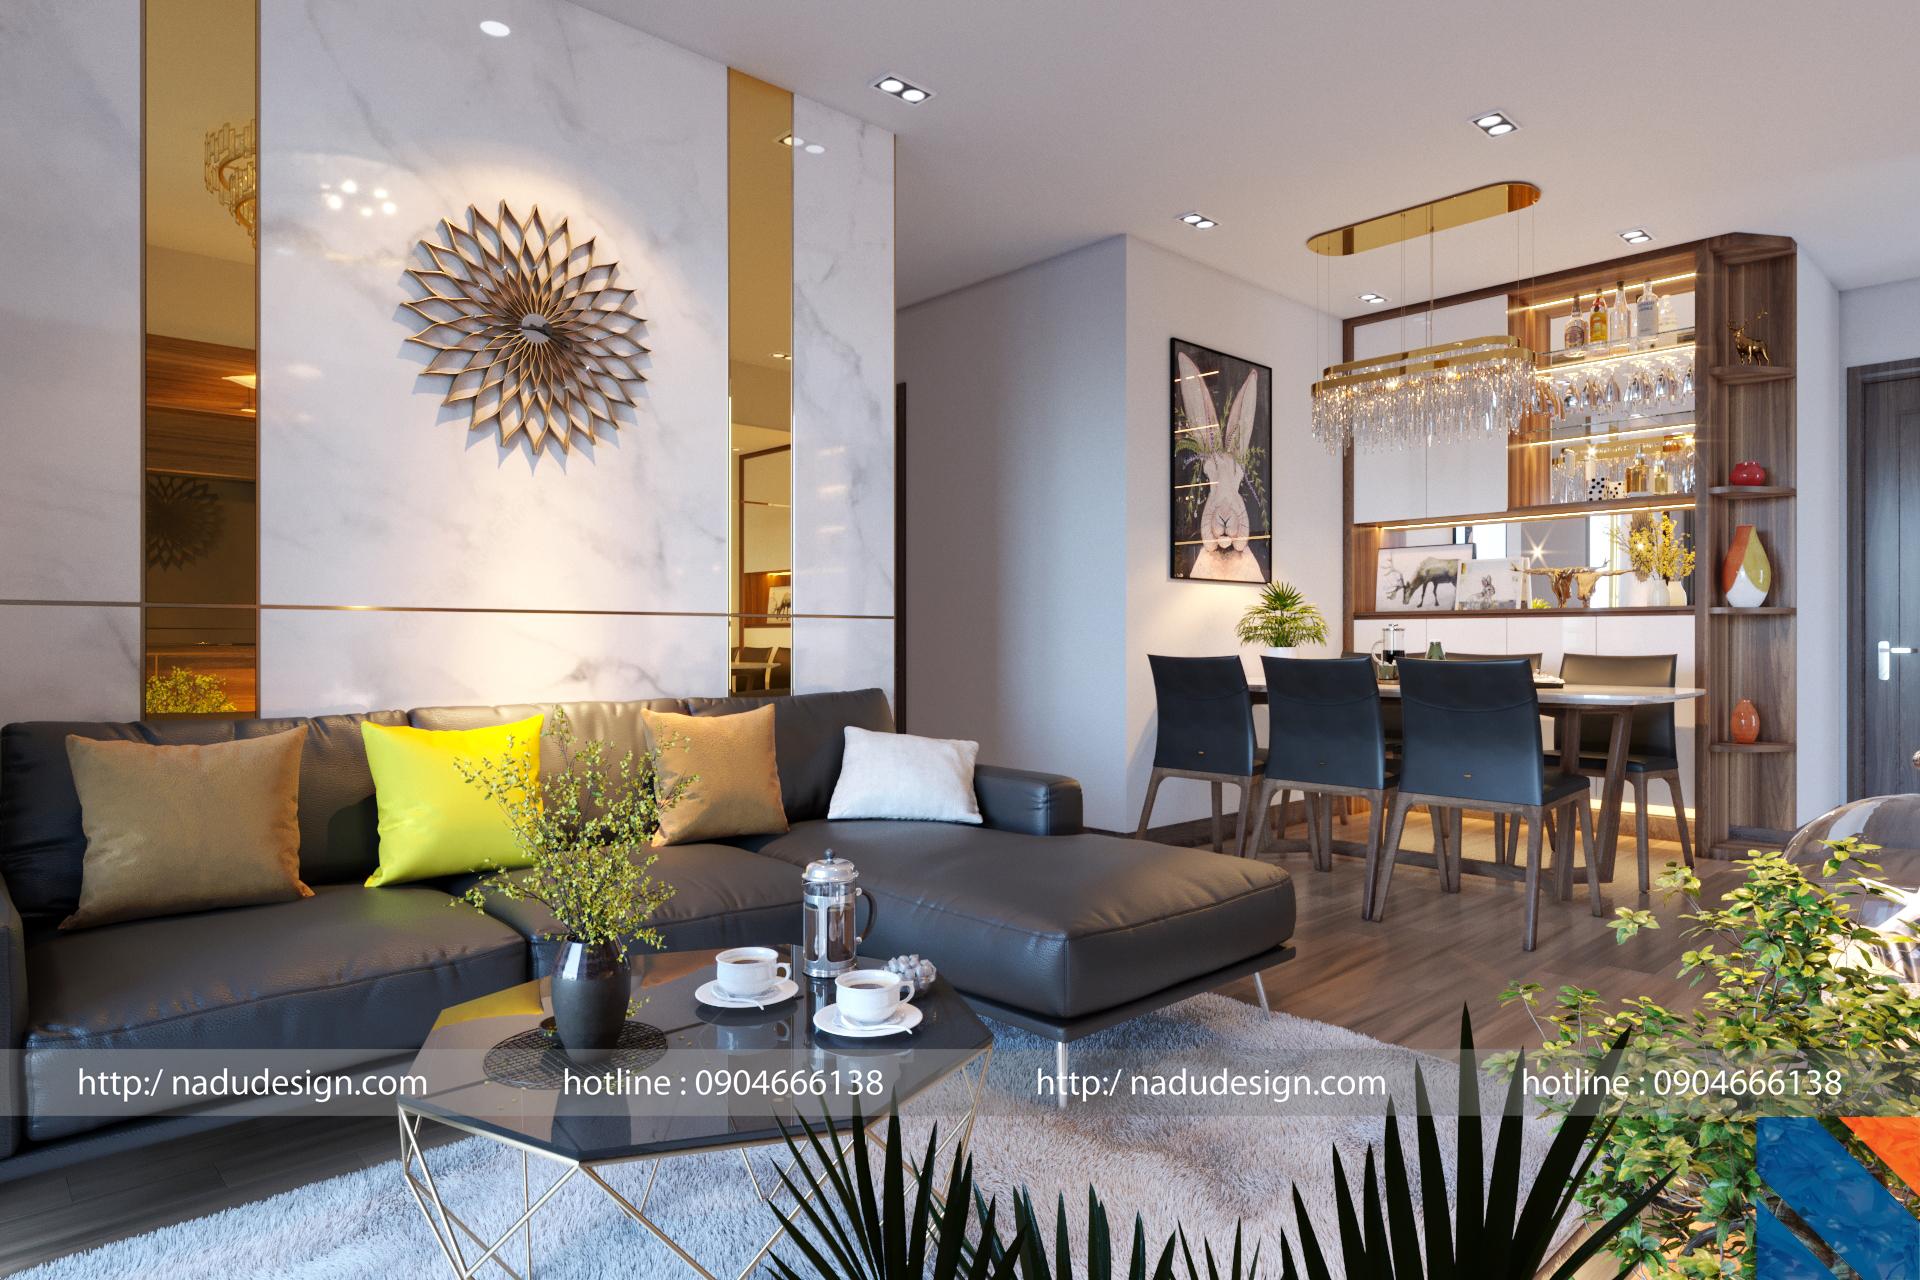 mẹo trang trí phòng khách khiến vạn người mê